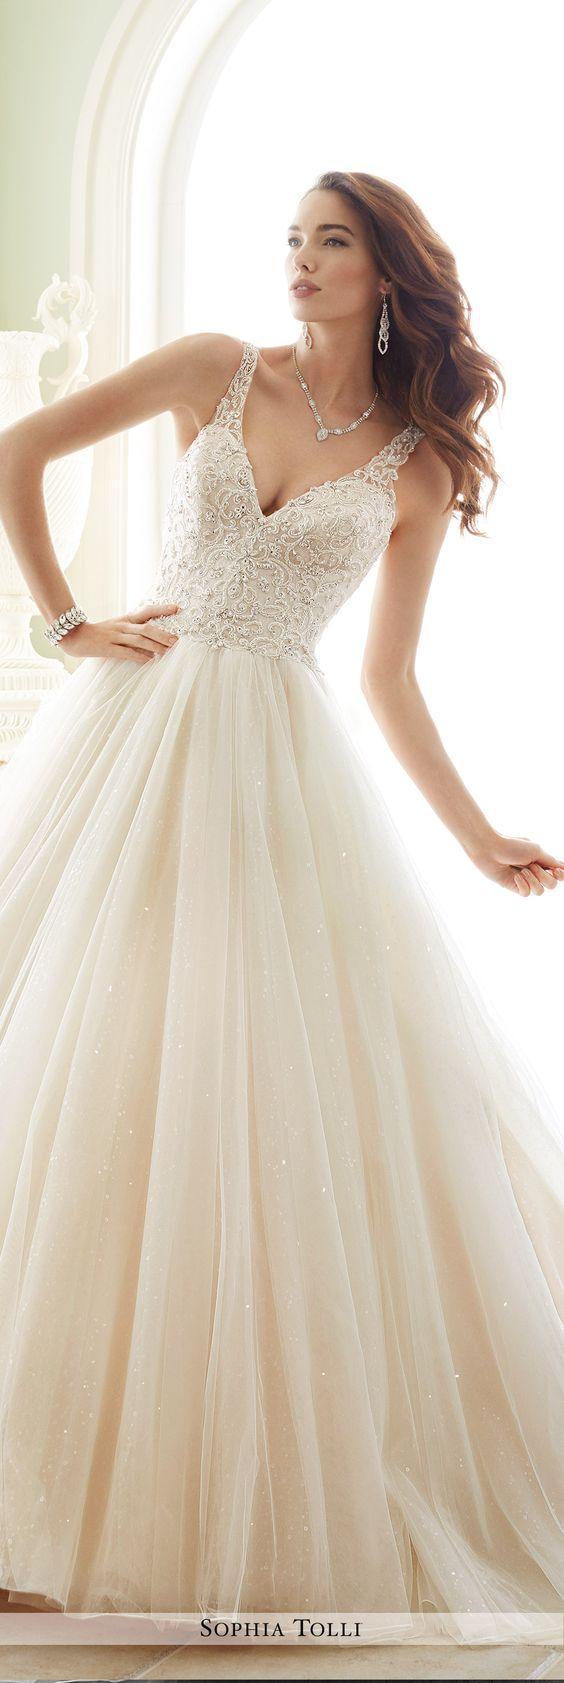 Y21673 maddalena sophia tolli wedding dress wedding for Sophia tulle wedding dress